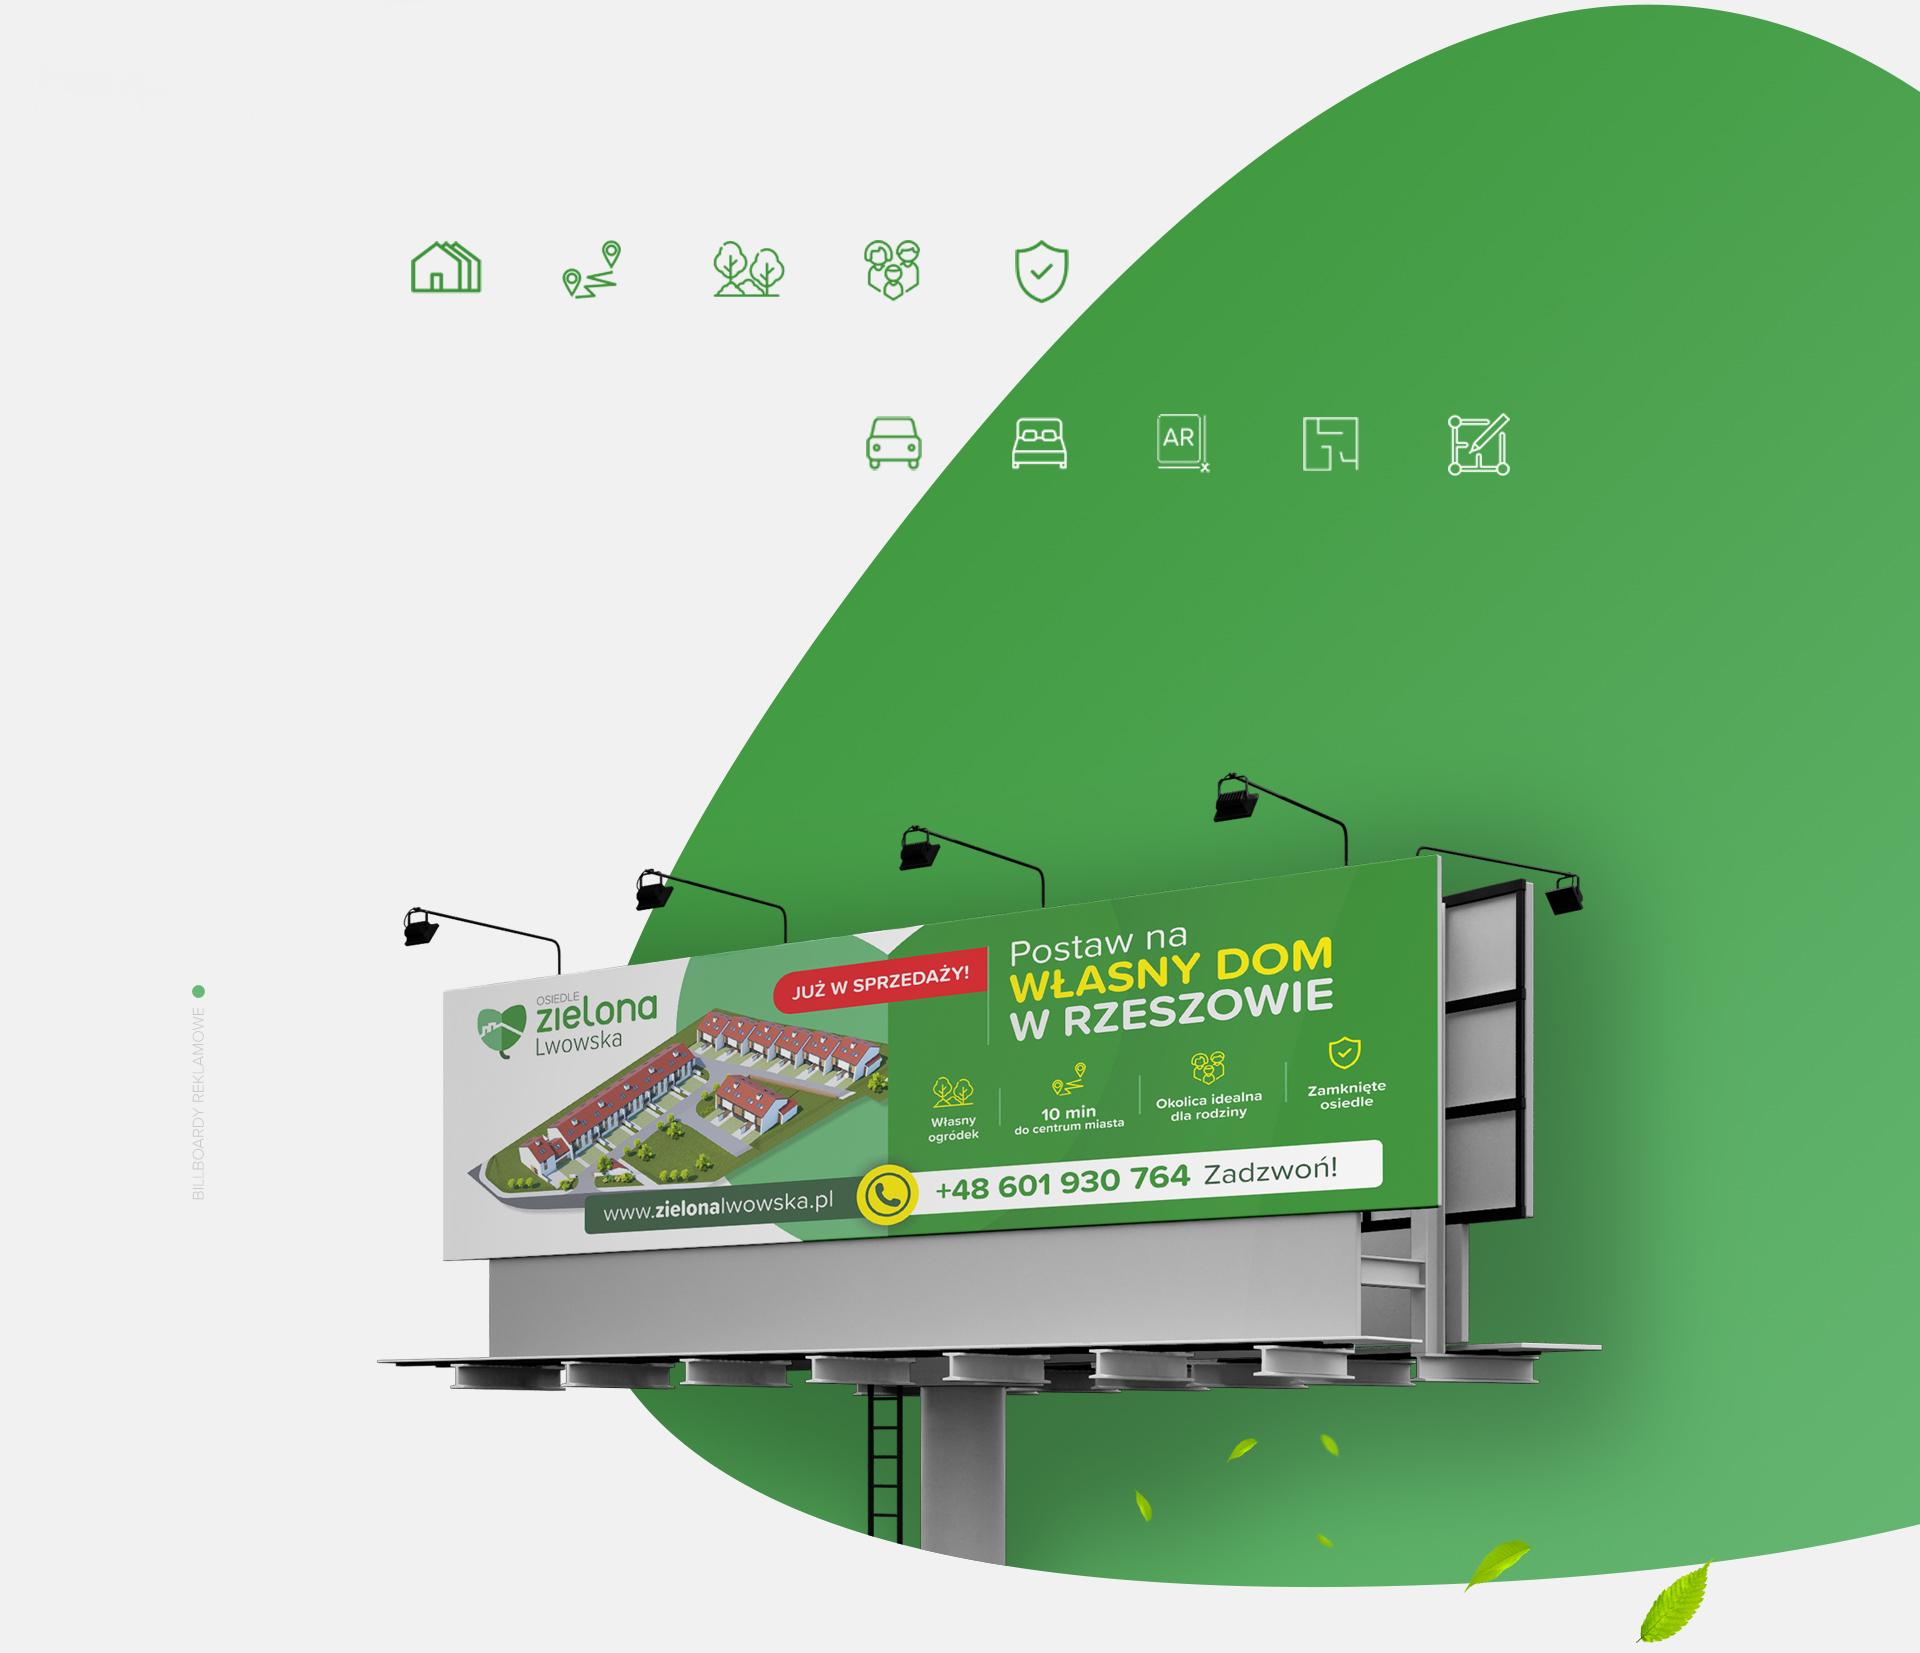 Zielona Lwowska - Realizacja - Agencja ROXART